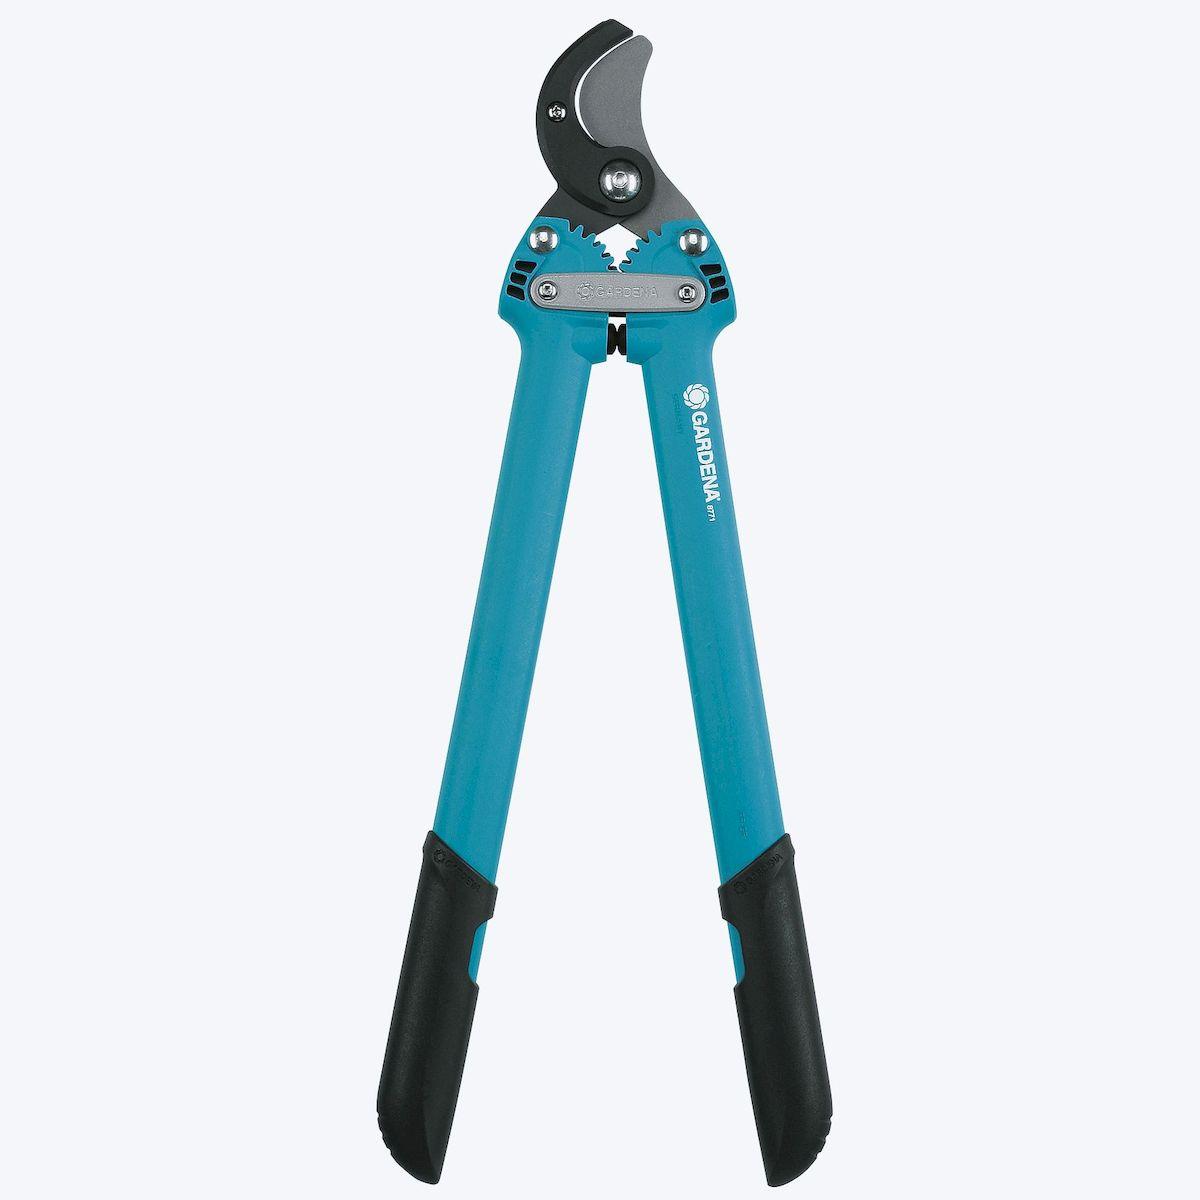 Сучкорез Gardena 500 AL Comfort08771-20.000.00Сучкорез Gardena 500 AL Comfort представляет собой ультралегкий, простой в использовании и мощный инструмент. Он хорошо подходит для обрезки жестких сухих веток диаметром до 35 мм. Запатентованная зубчатая передача увеличивает мощность реза на 38%. Лезвие прецизионной заточки с покрытием от налипания и новая геометрия реза обеспечивают экстраординарно чистую и мягкую обрезку веток. Имеется практичная возможность замены наковаленки. Особо легкие эргономичные ручки и рукоятки из пластика делают работу удобной и неутомительной. Двойные концевые ограничители снижают нагрузку на запястья. Длина сучкореза - 50 см;Вес - 600 г.